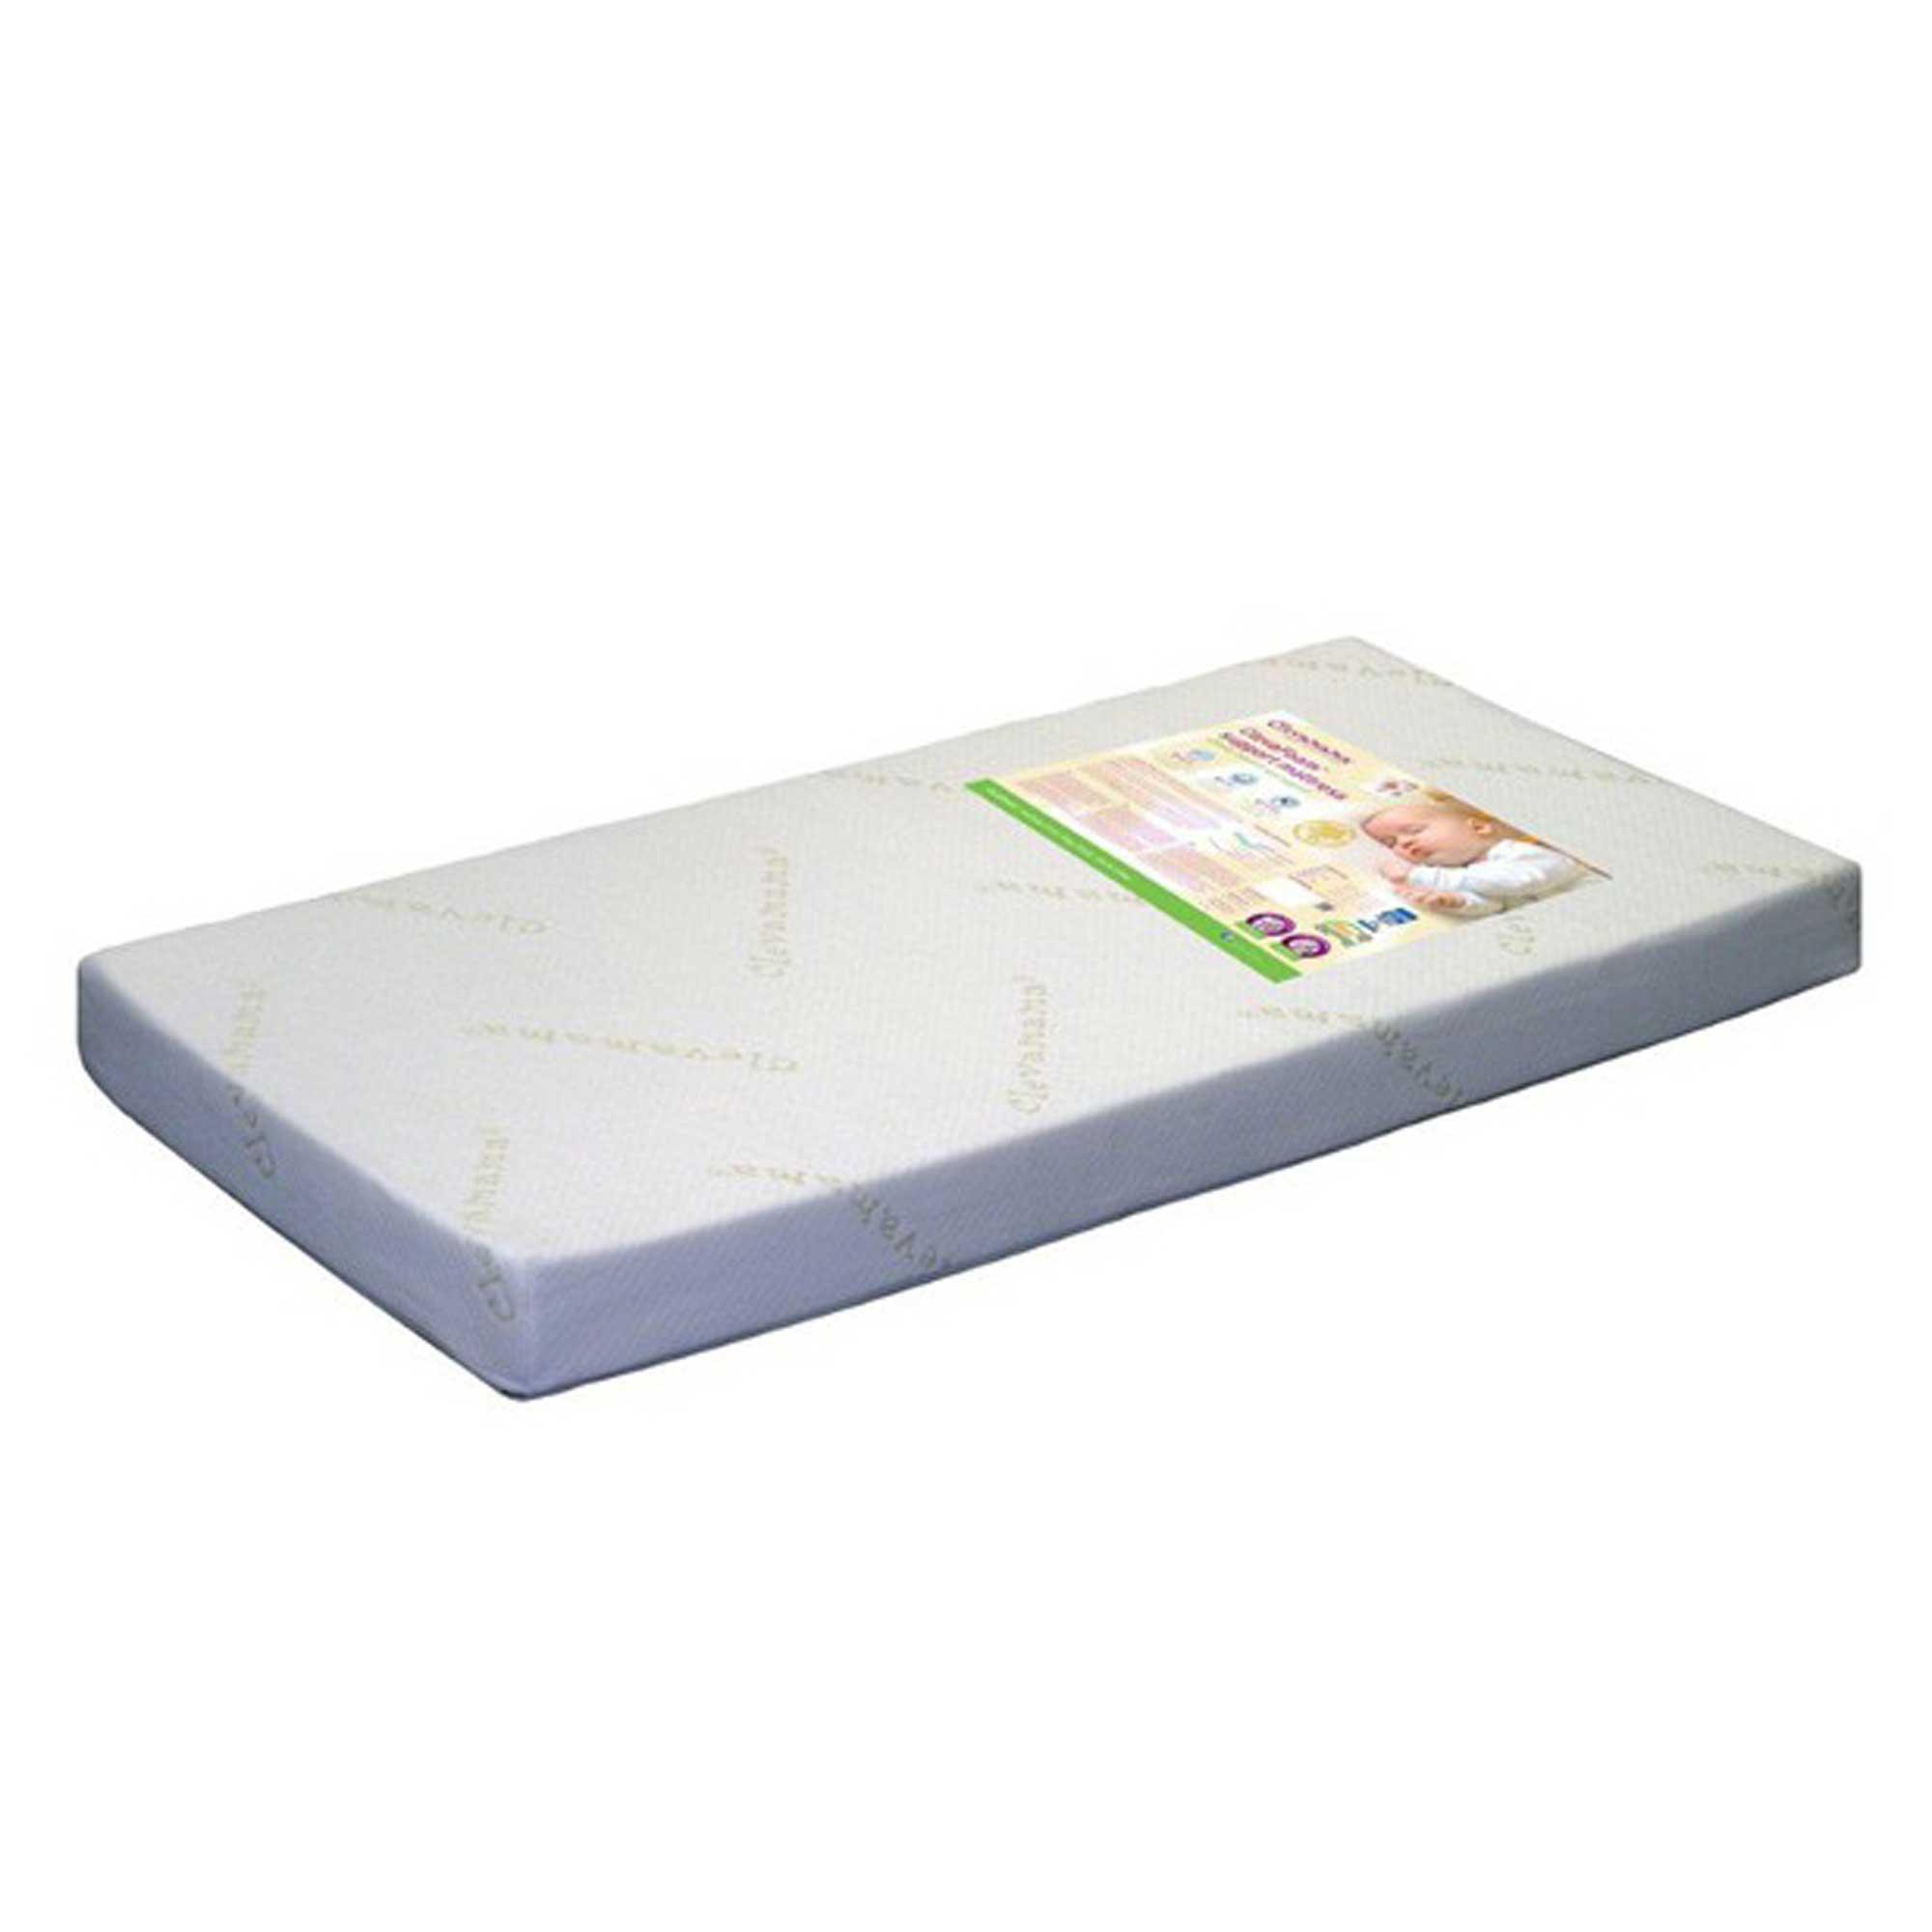 140 x 70 cm Obaby matelas de lit pour bébé mousse